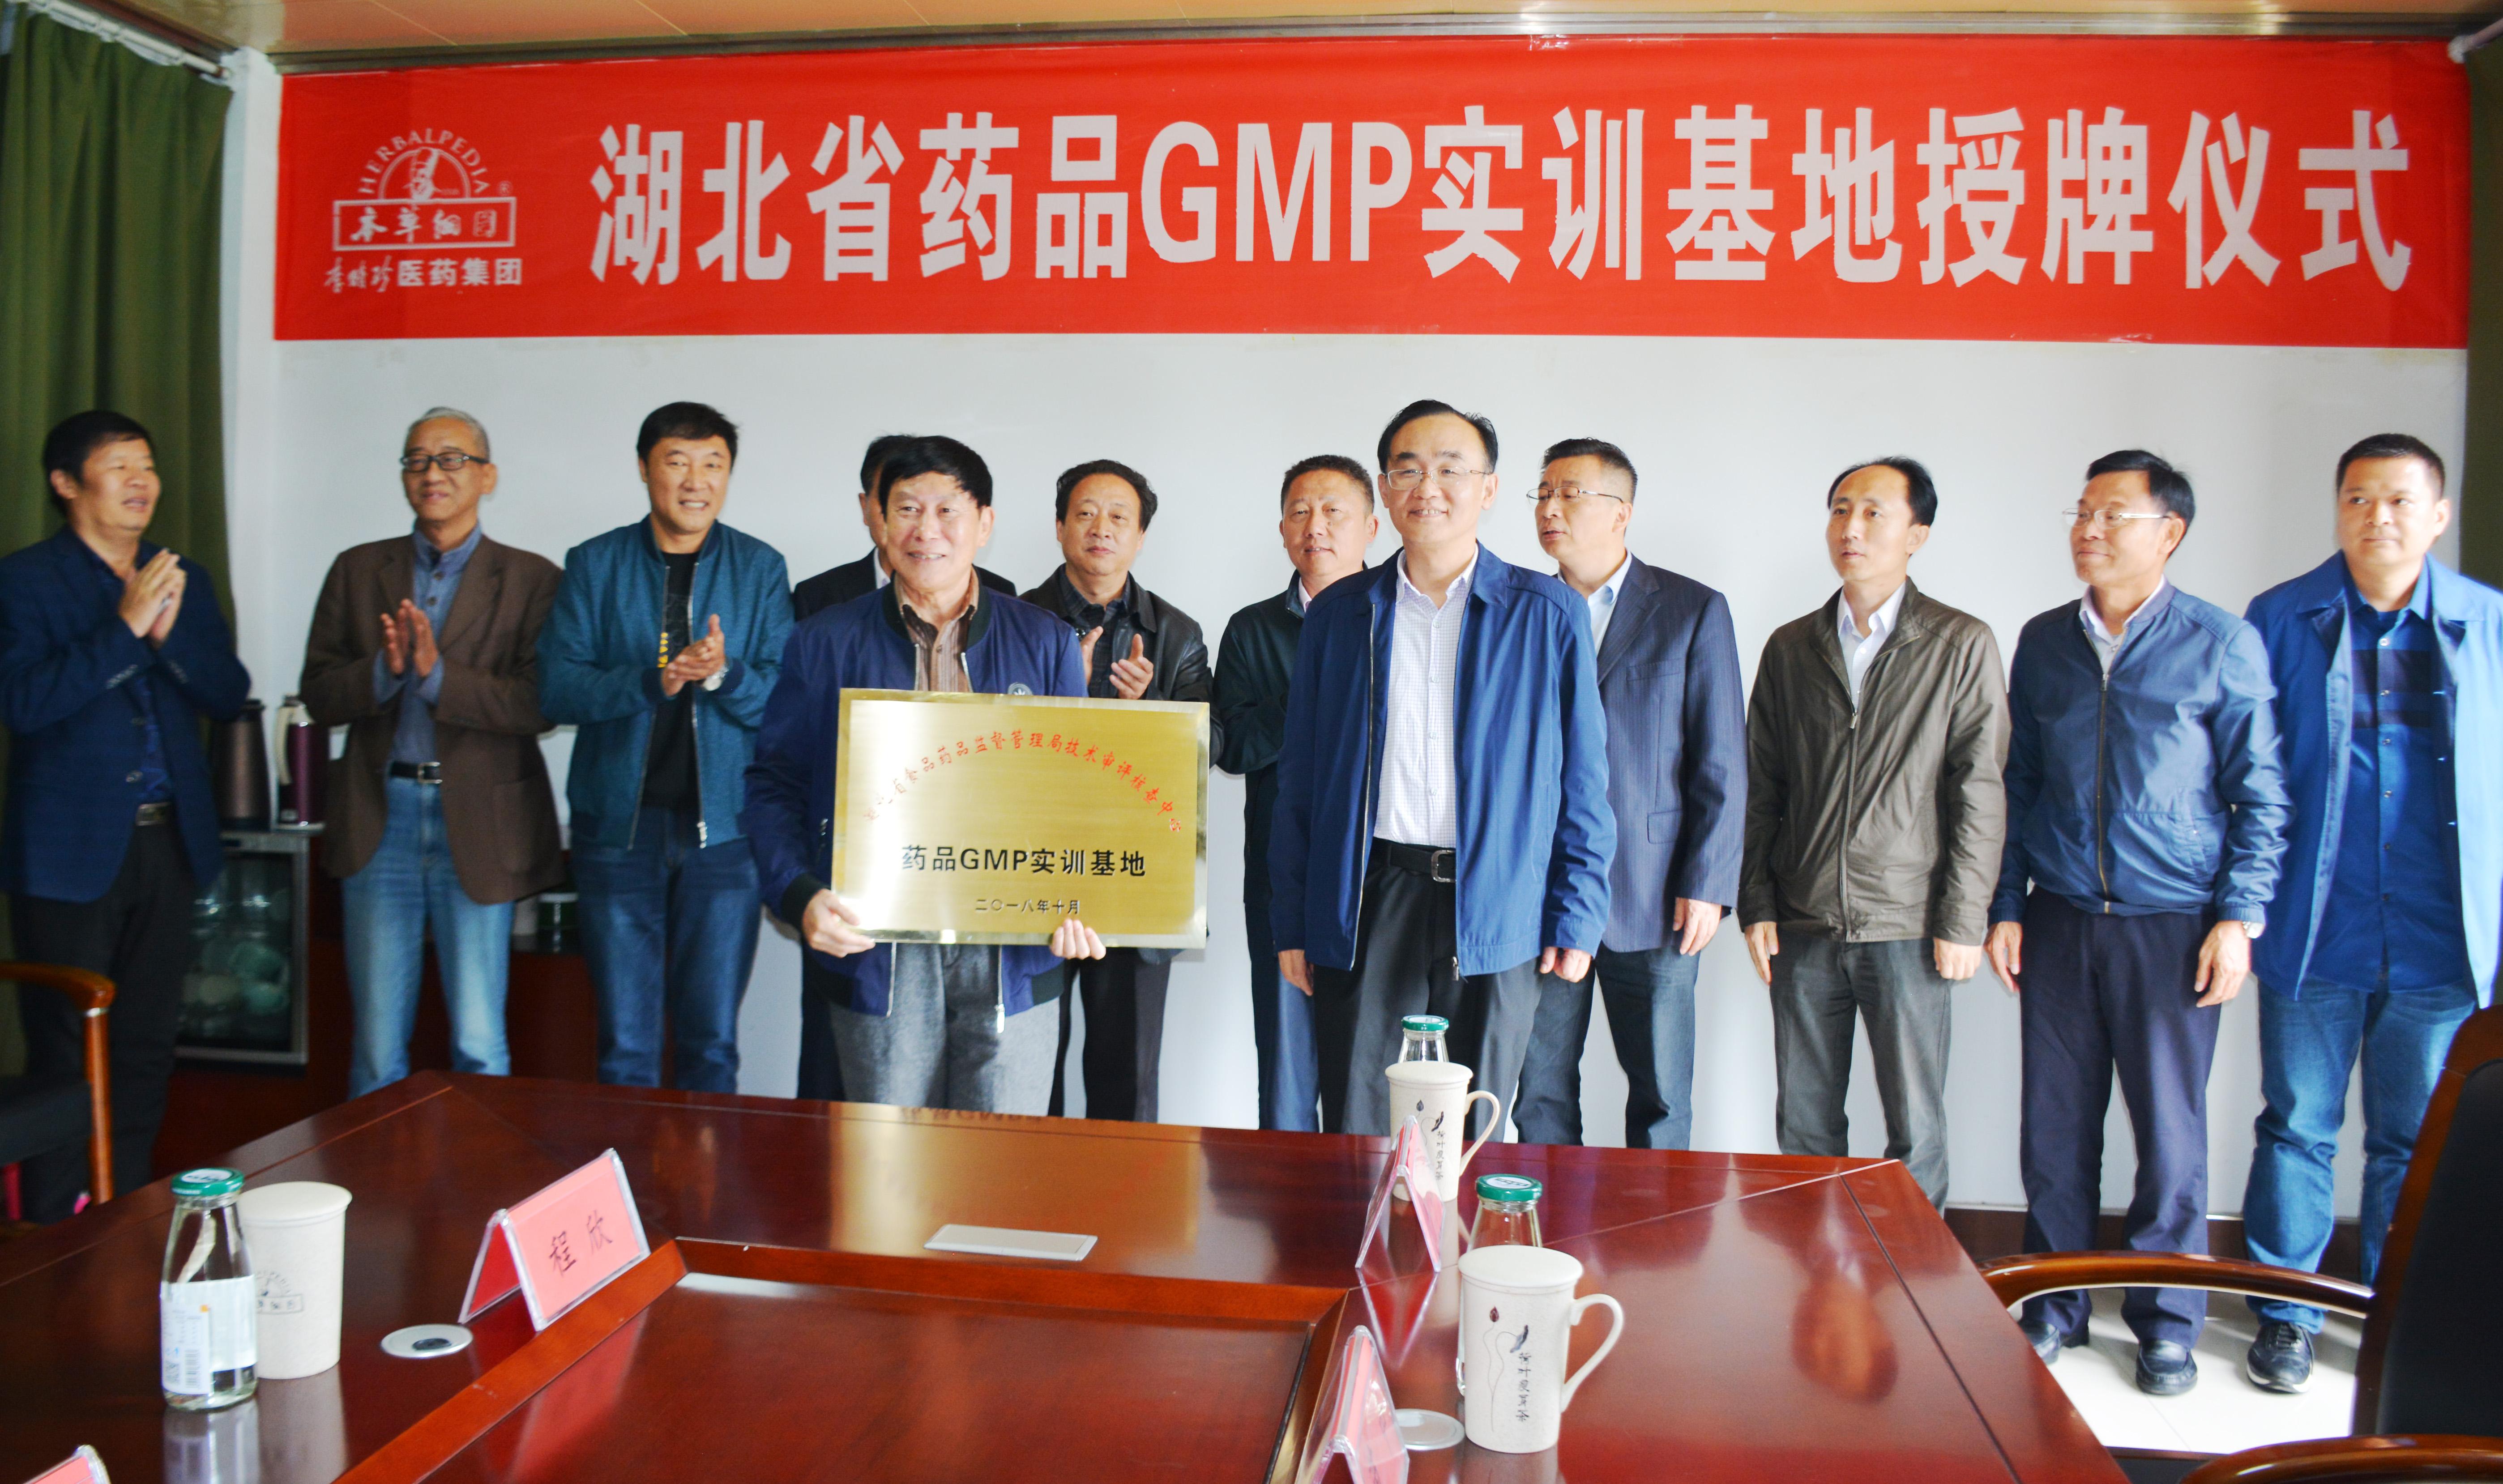 喜讯丨集团蕲春工厂成为药品GMP检查员实训基地